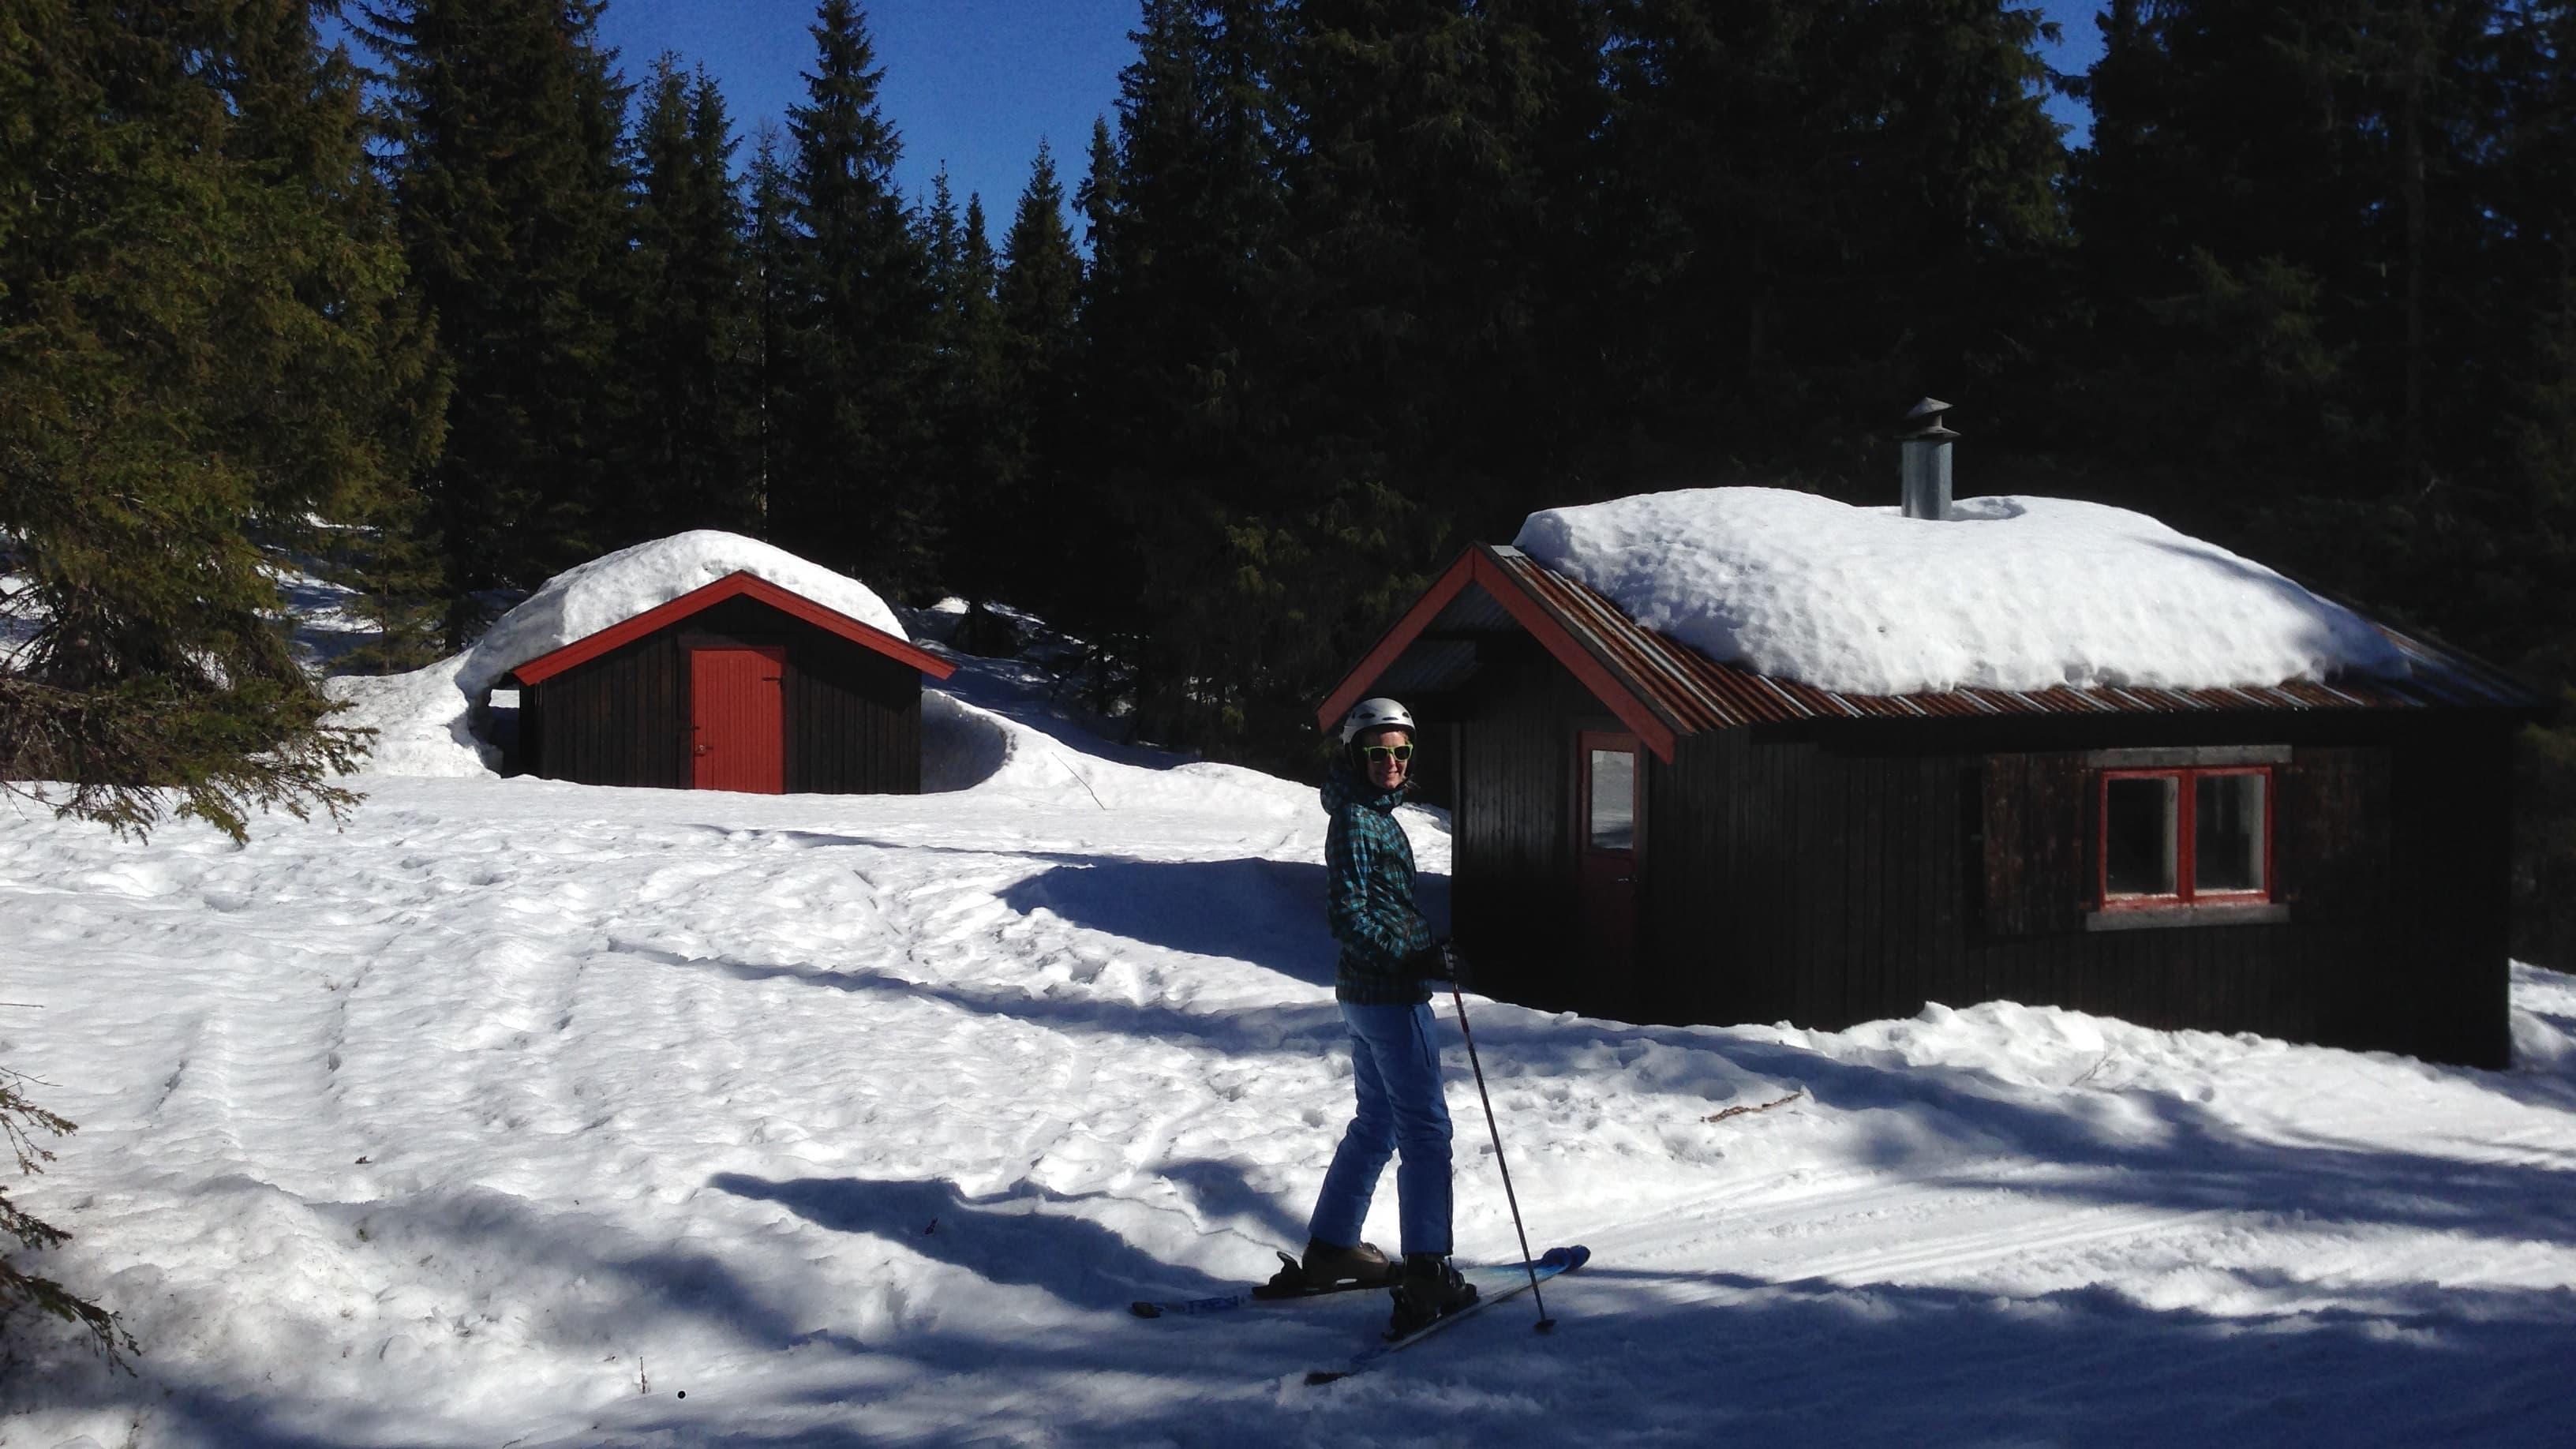 Über Ostern fahren die Norweger gerne in den Skiurlaub. Ich habe es ihnen gleich gemacht und bin hier an Ostern in Trysil gewesen.